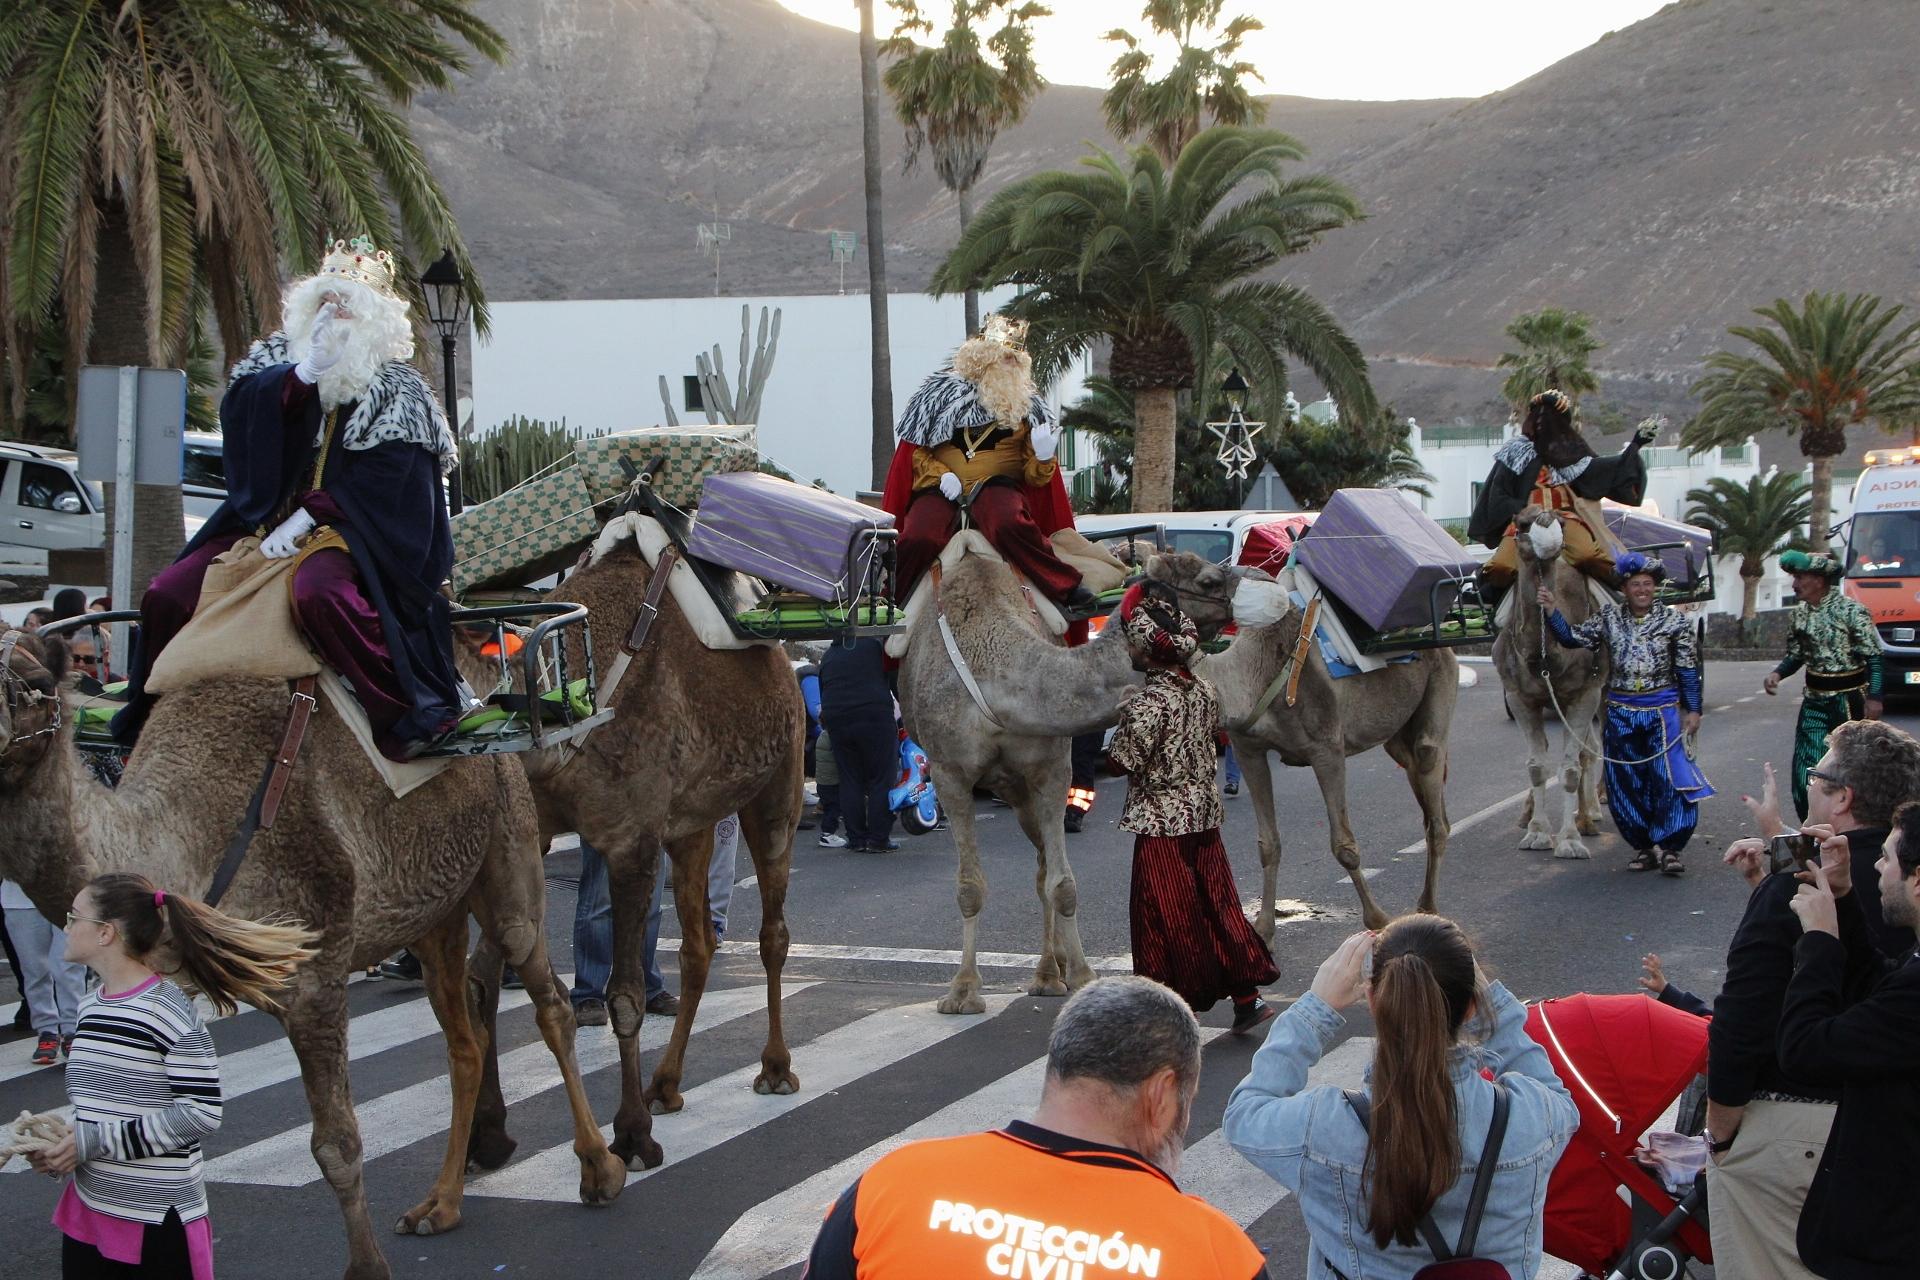 Los Reyes confirman su ruta mágica en Yaiza